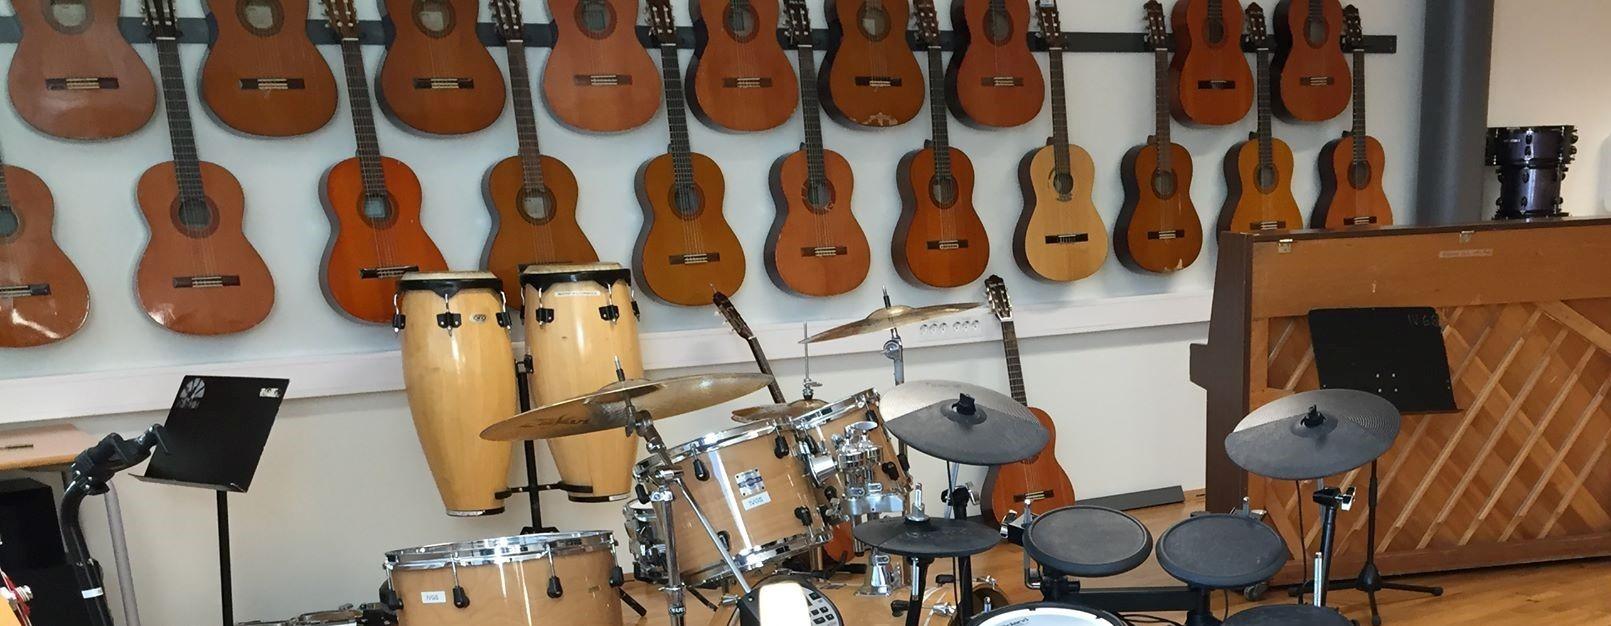 Veslefrikk instrumenter.jpg